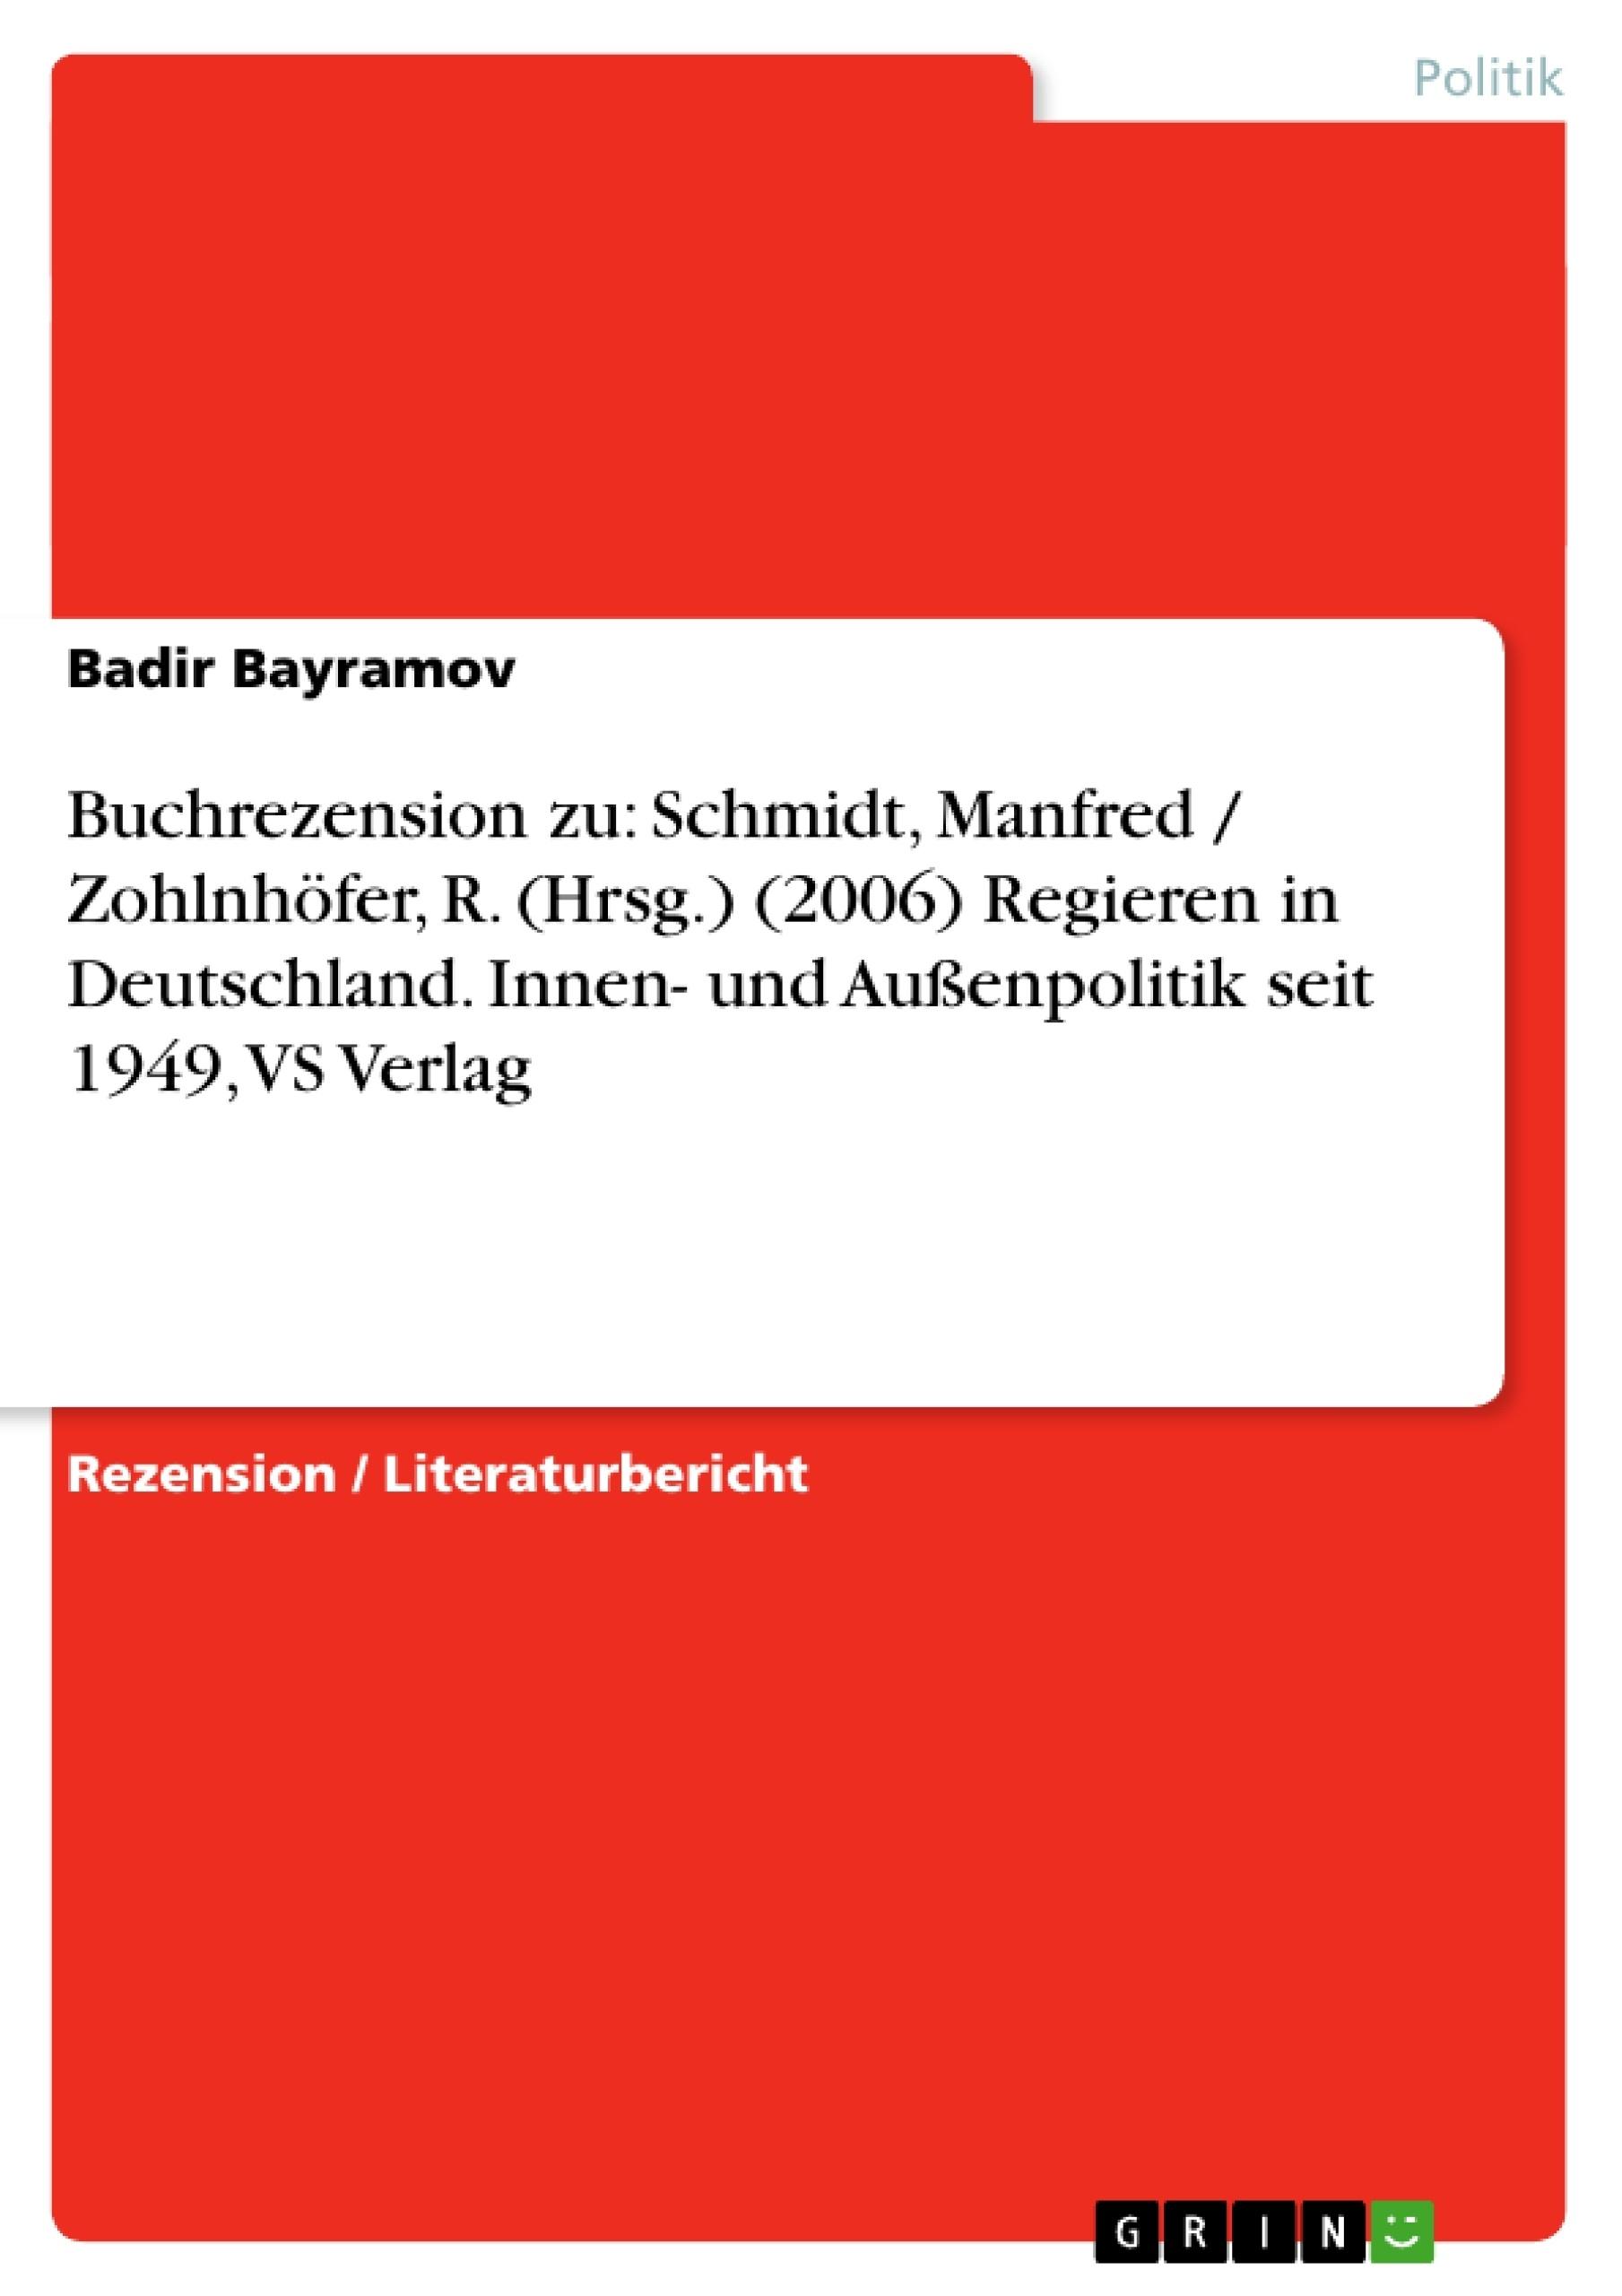 Titel: Buchrezension zu: Schmidt, Manfred / Zohlnhöfer, R. (Hrsg.) (2006) Regieren in Deutschland. Innen- und Außenpolitik seit 1949, VS Verlag